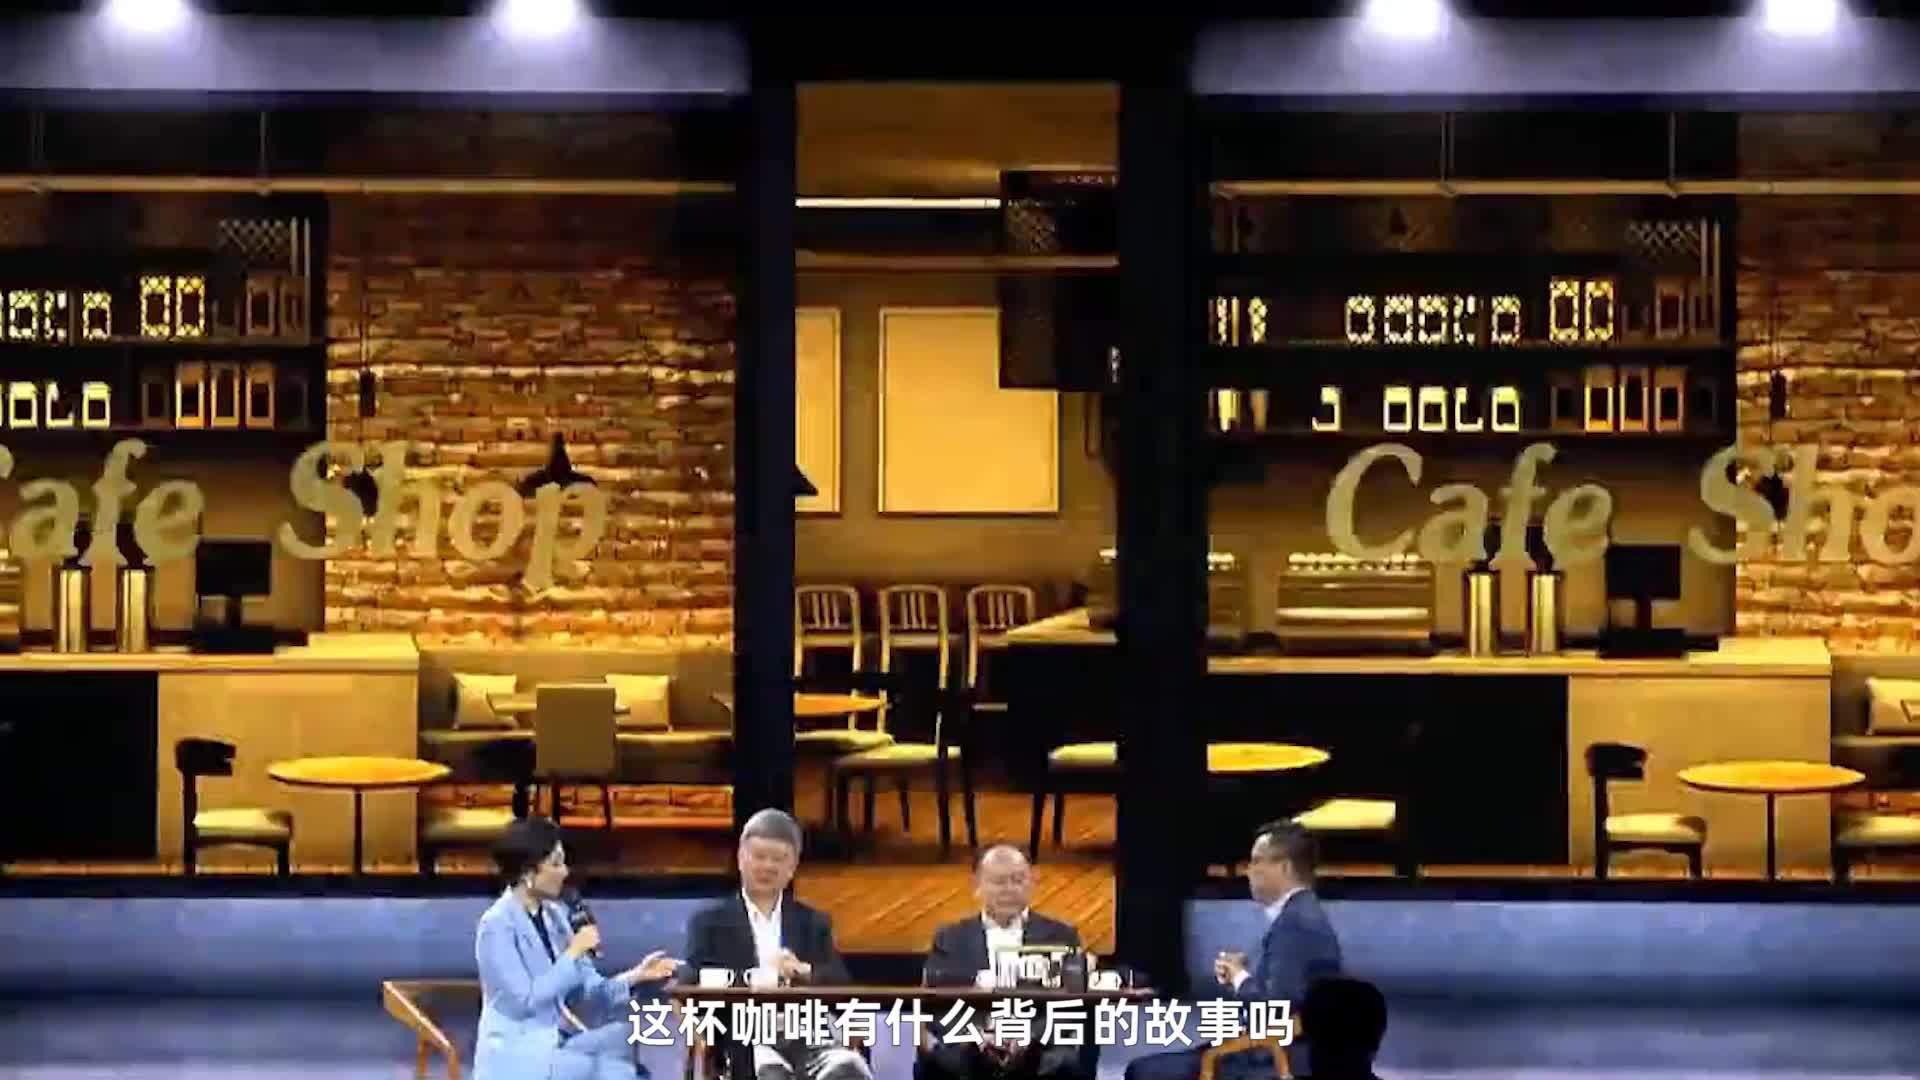 蚂蚁董事长在上海卖咖啡 :网友喊话希望永久保留咖啡馆